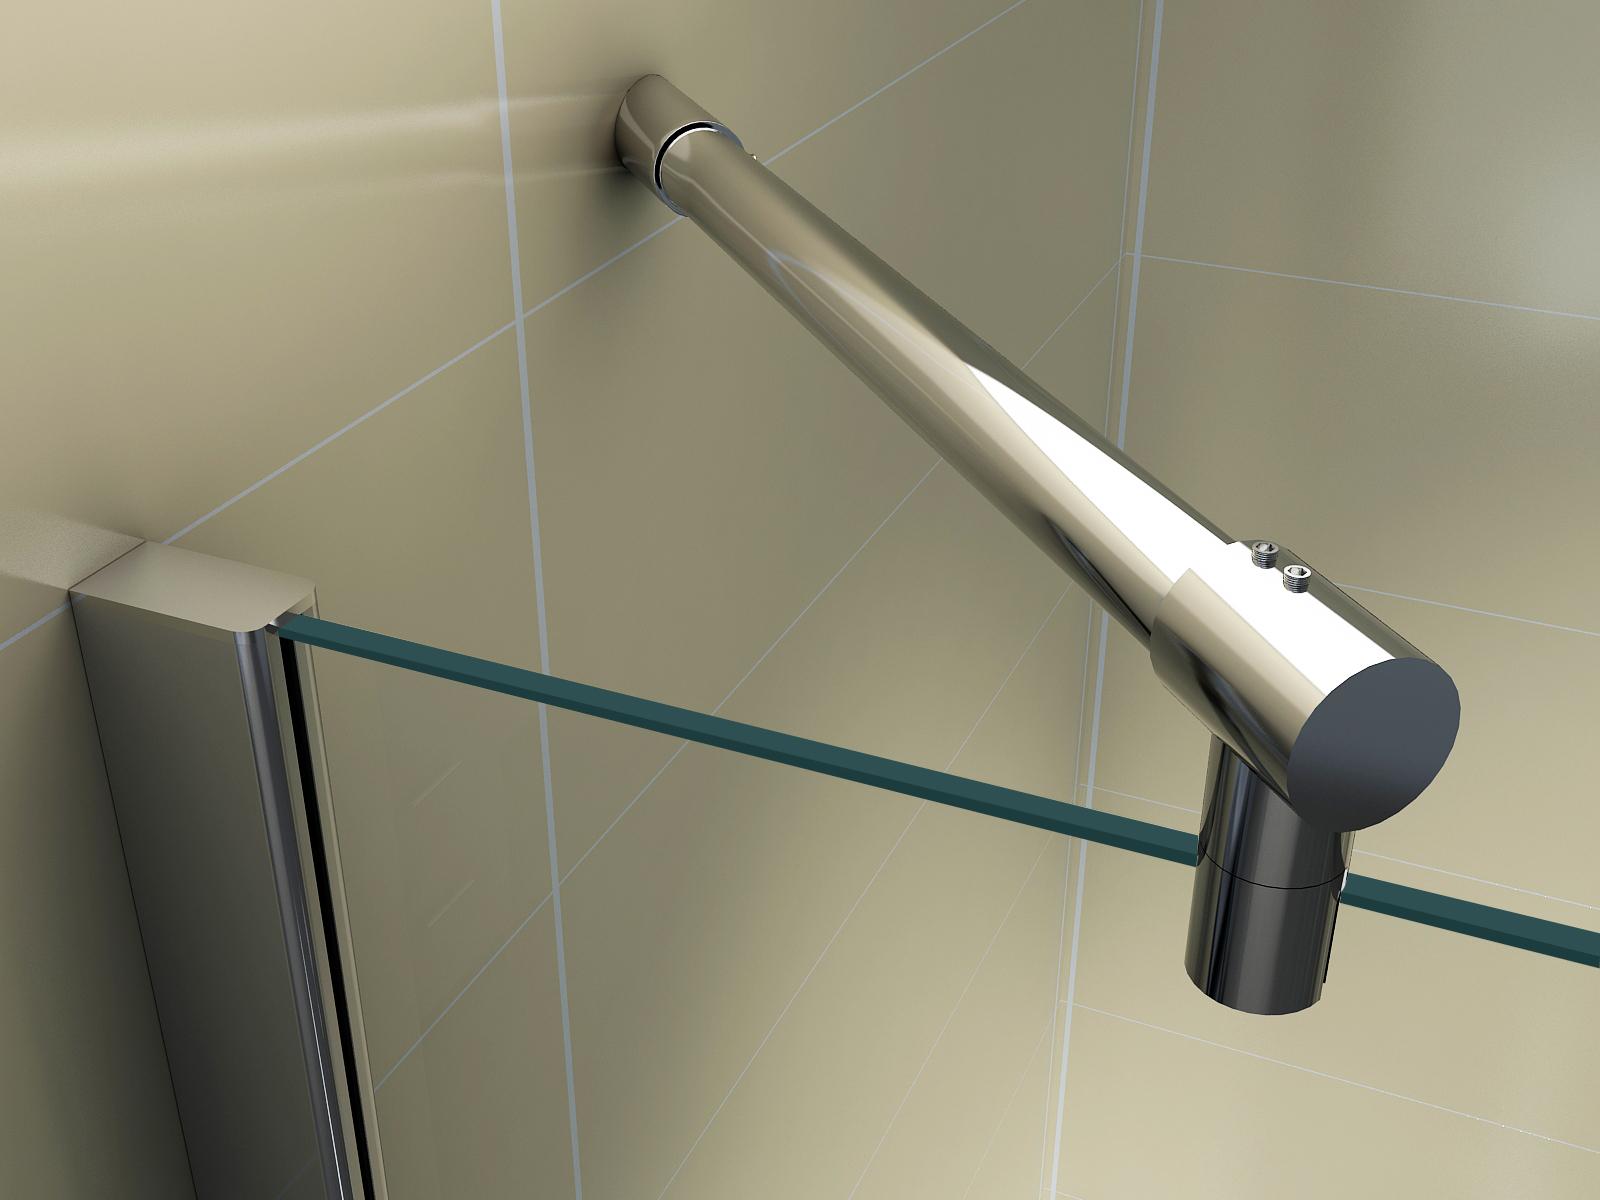 duschkabine viertelkreis duschabtrennung runddusche esg. Black Bedroom Furniture Sets. Home Design Ideas